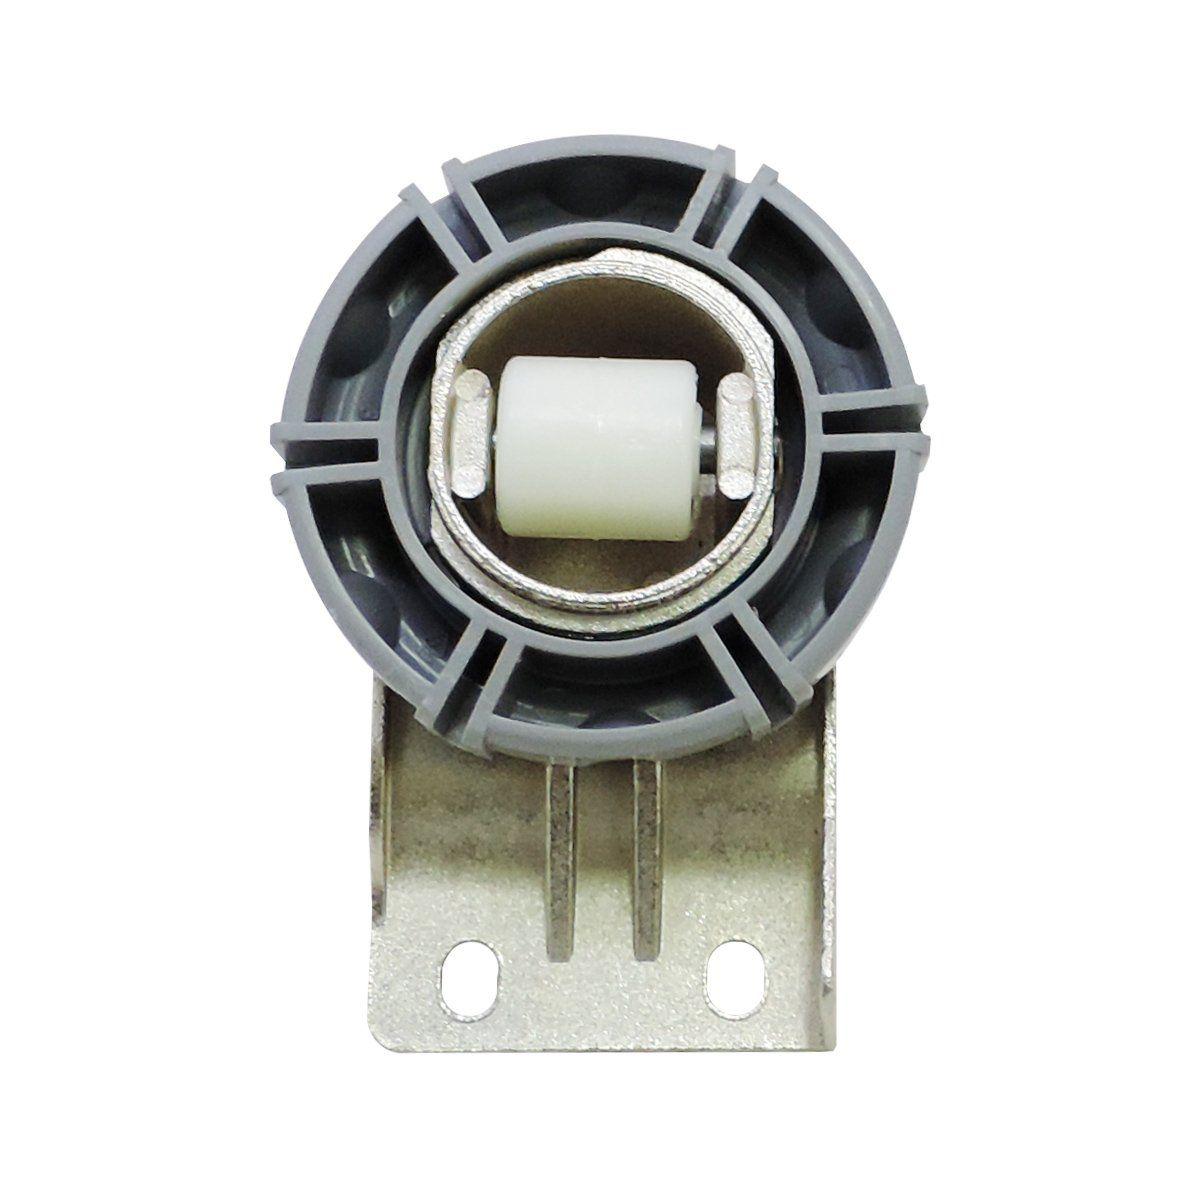 Pé Nivelador Refrigerador Electrolux DFN52 DF51 DF52 DF80 DI80X